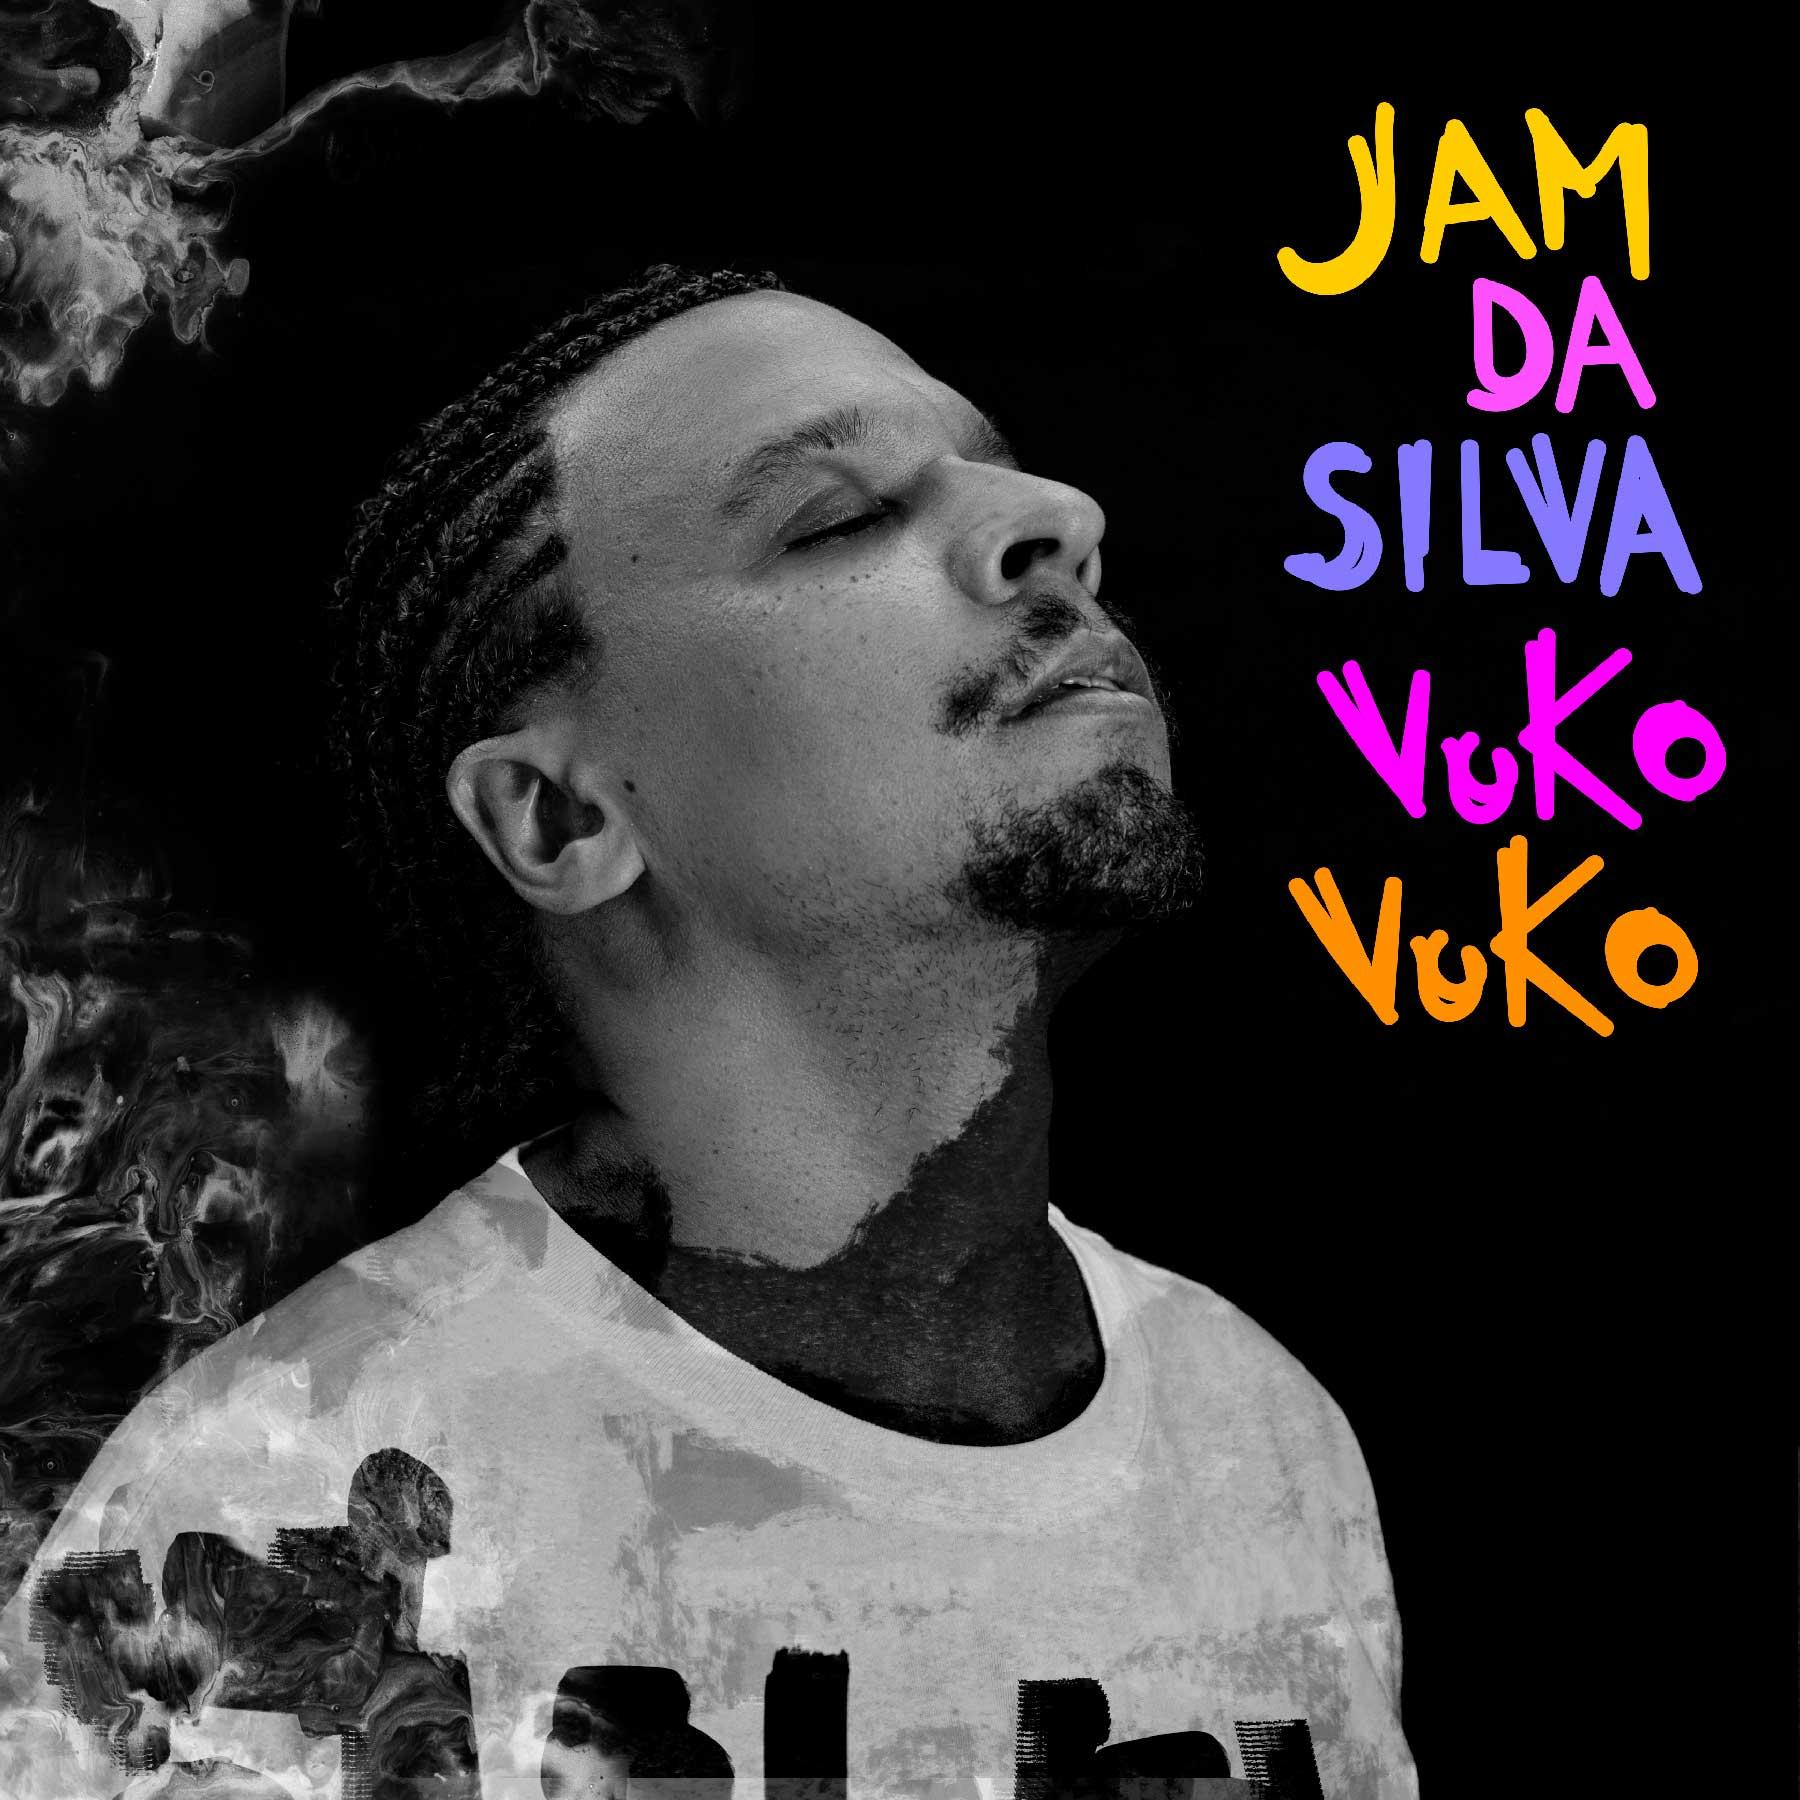 korokoro_music_jam_da_silva_vuko_vuko